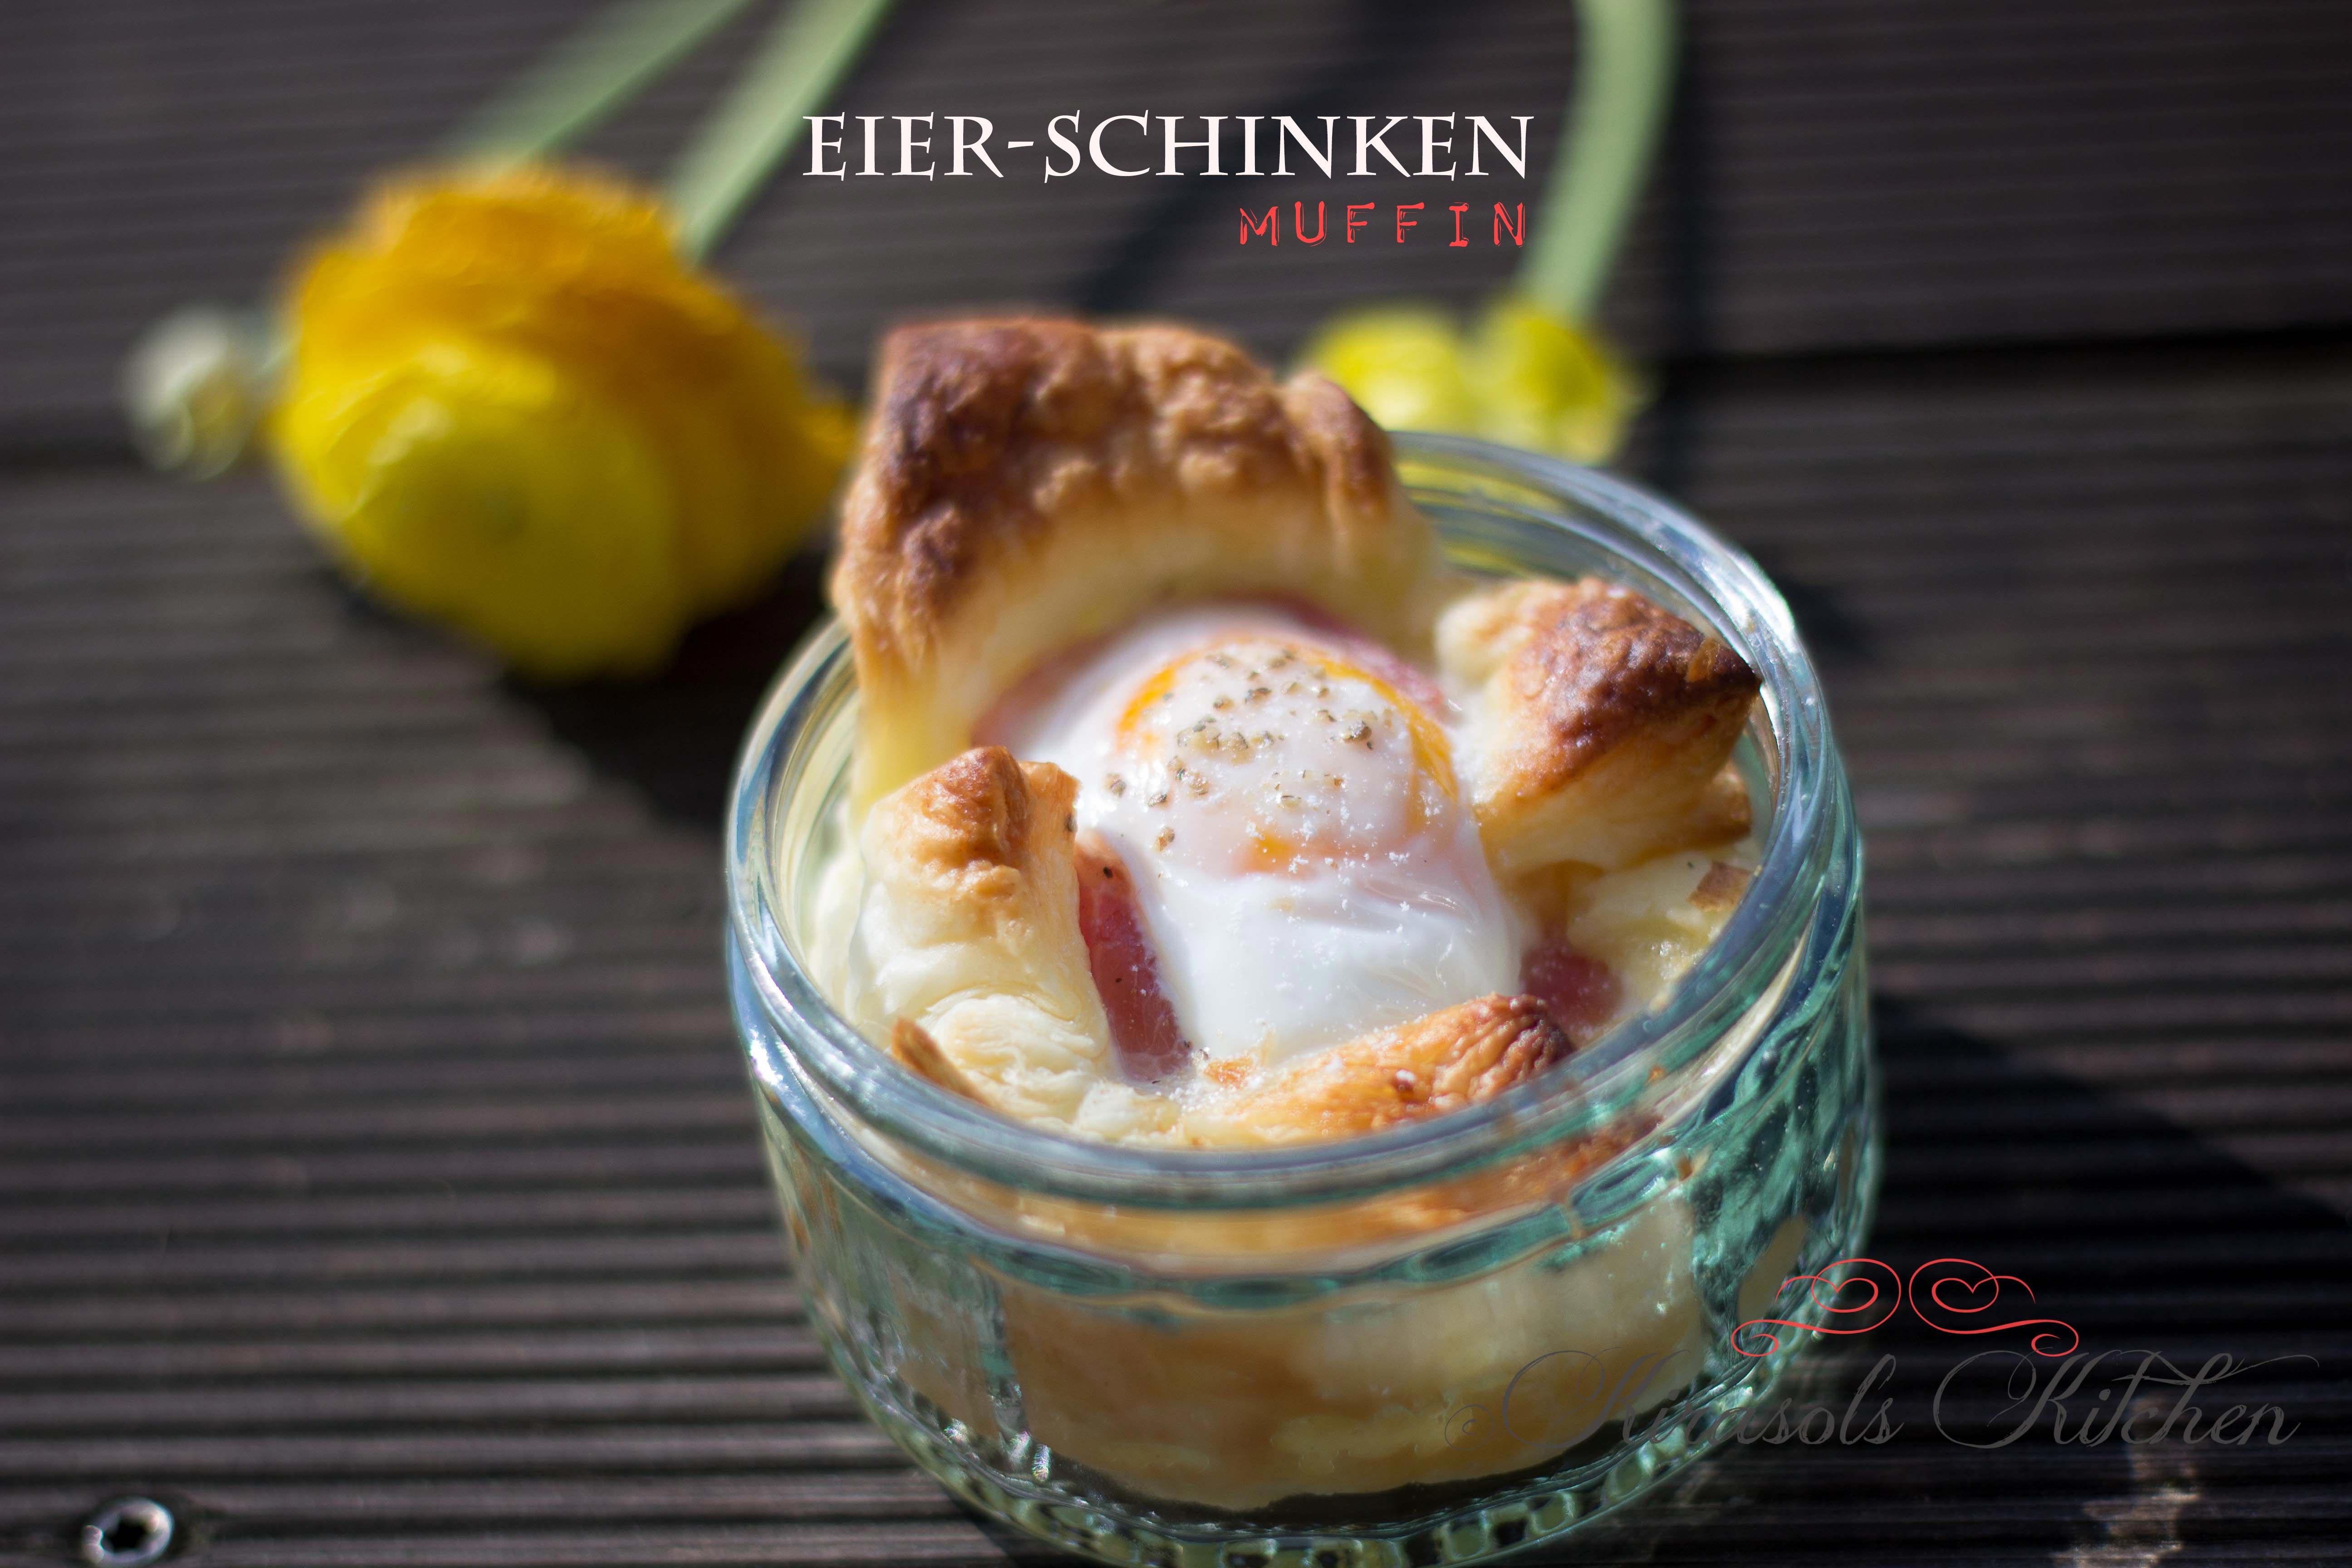 Eier-Schinken-Muffin